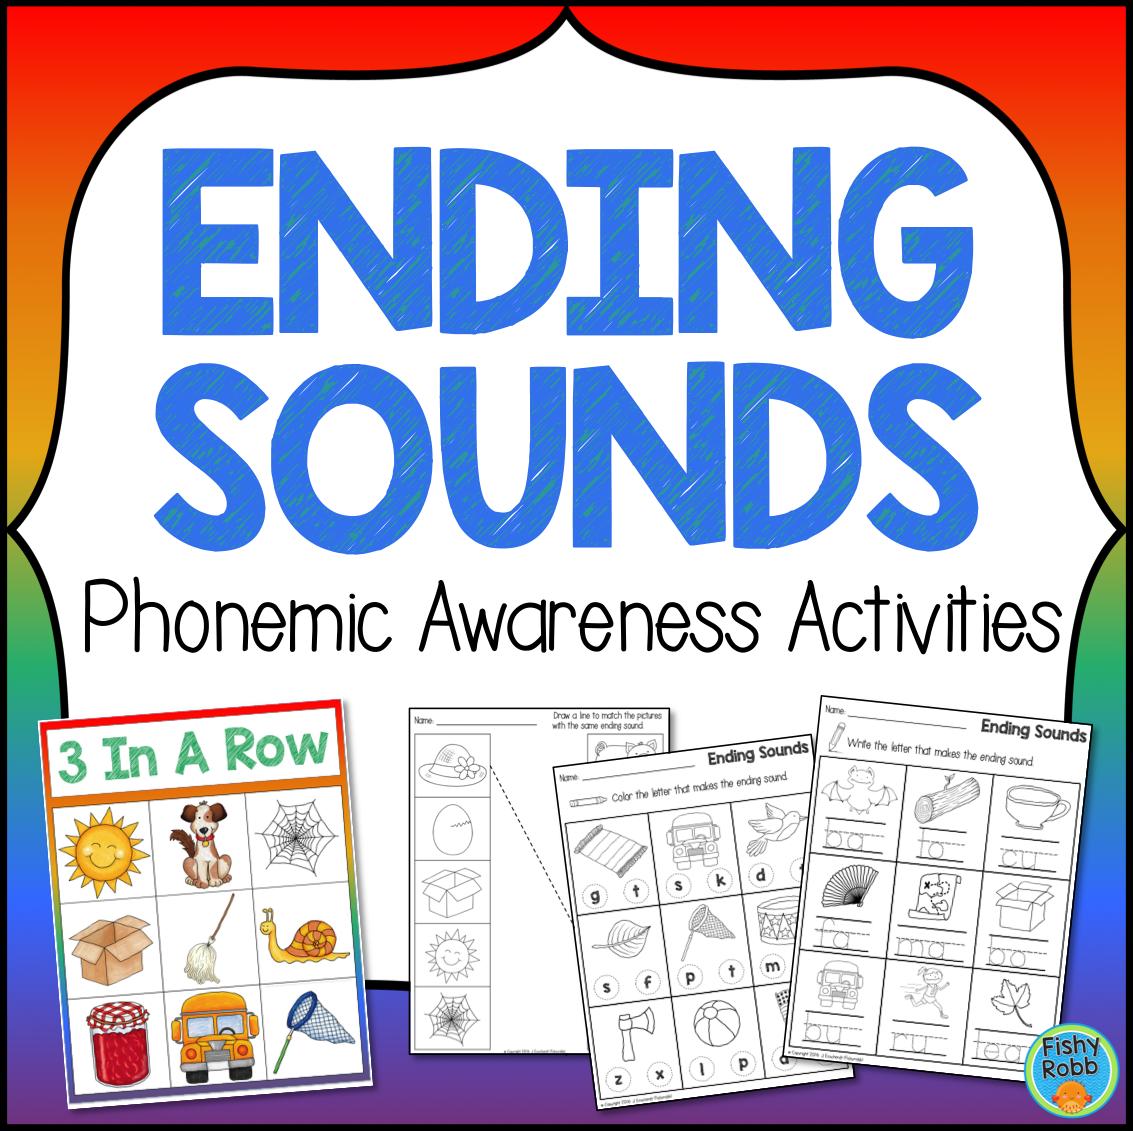 Ending Sounds Phonemic Awareness